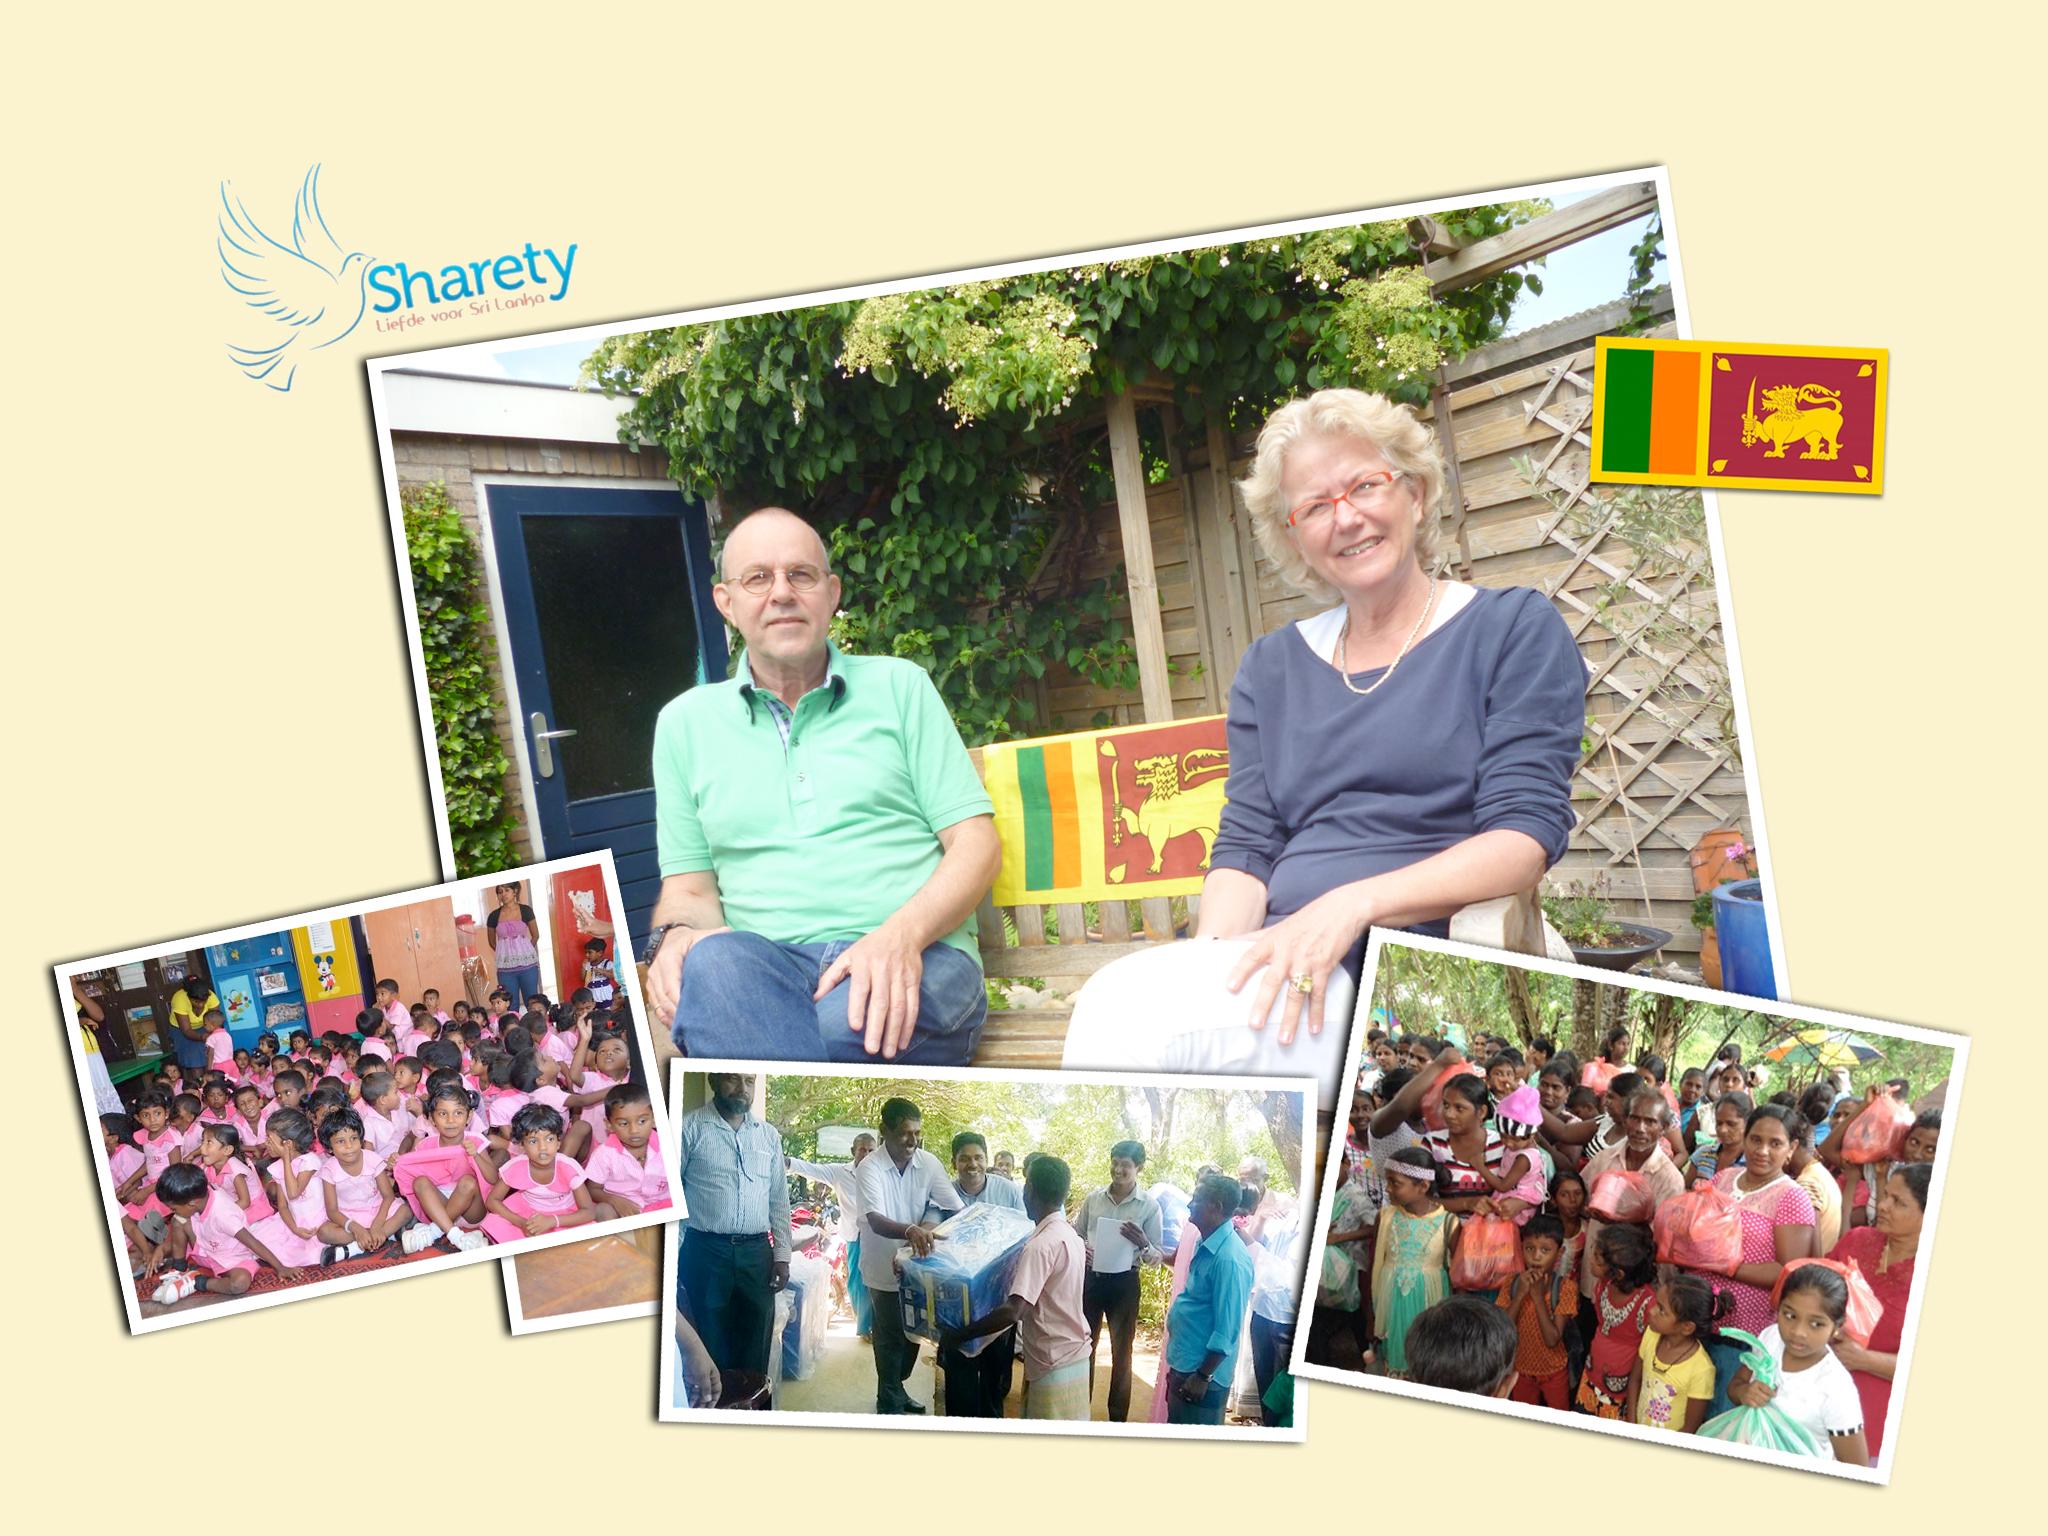 Sharety Jaap van Eeuwijk